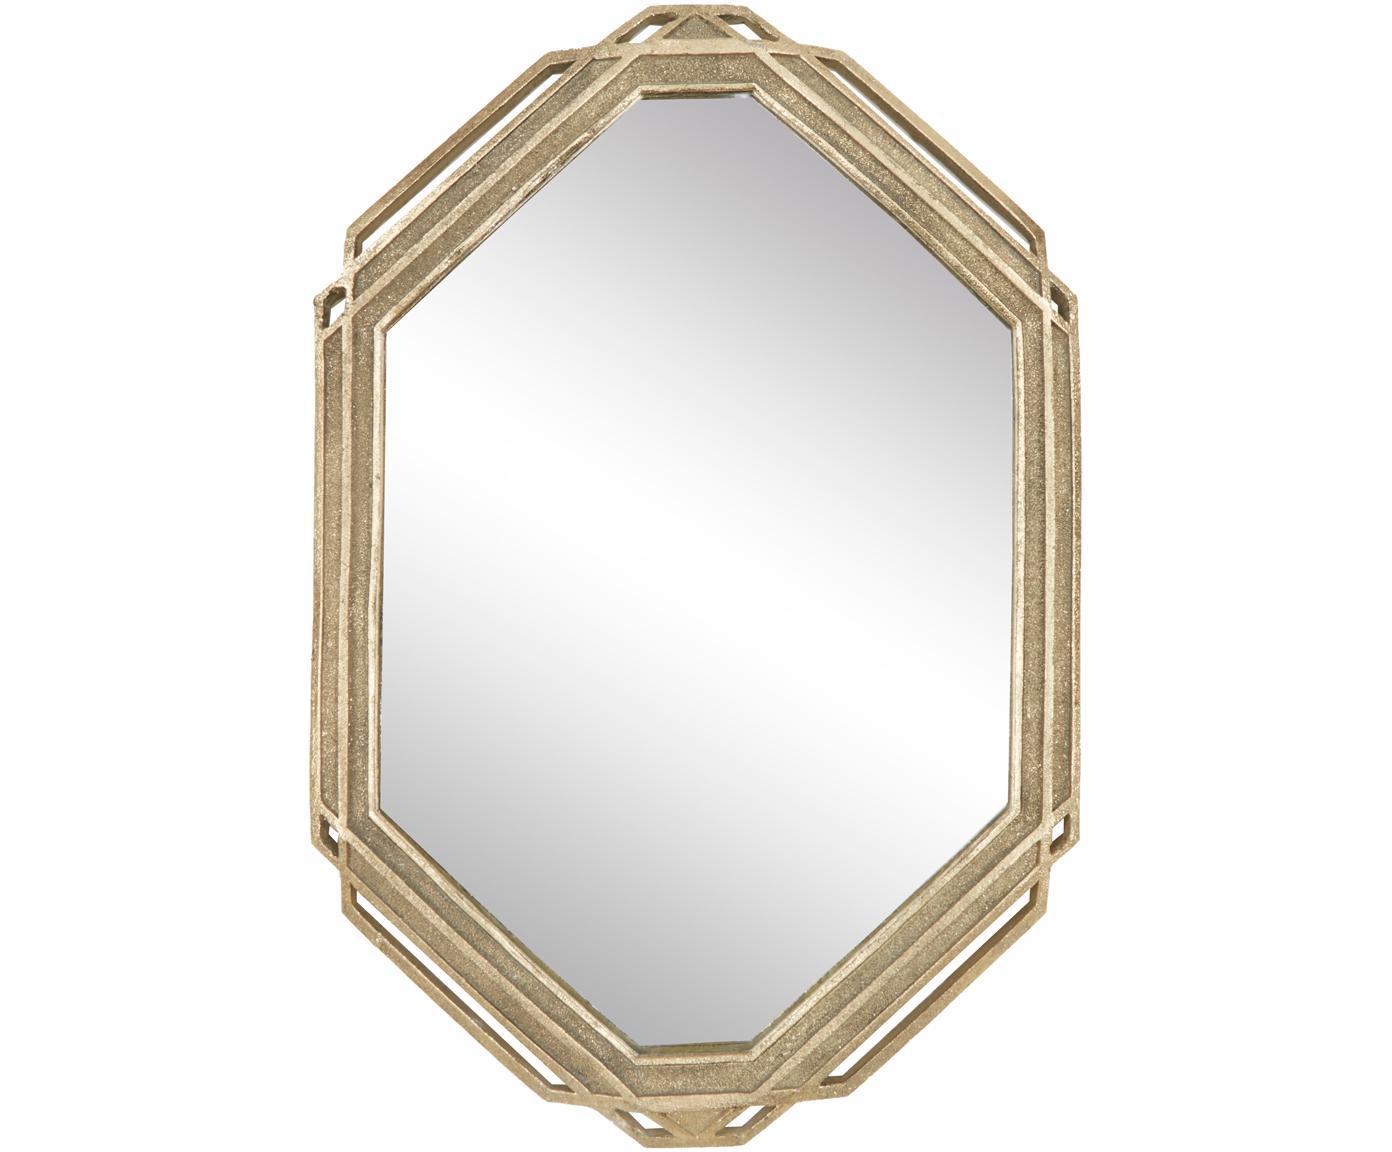 Specchio da parete con cornice dorata Raute, Poliresina, Ottonato, Larg. 35 x Alt. 52 cm